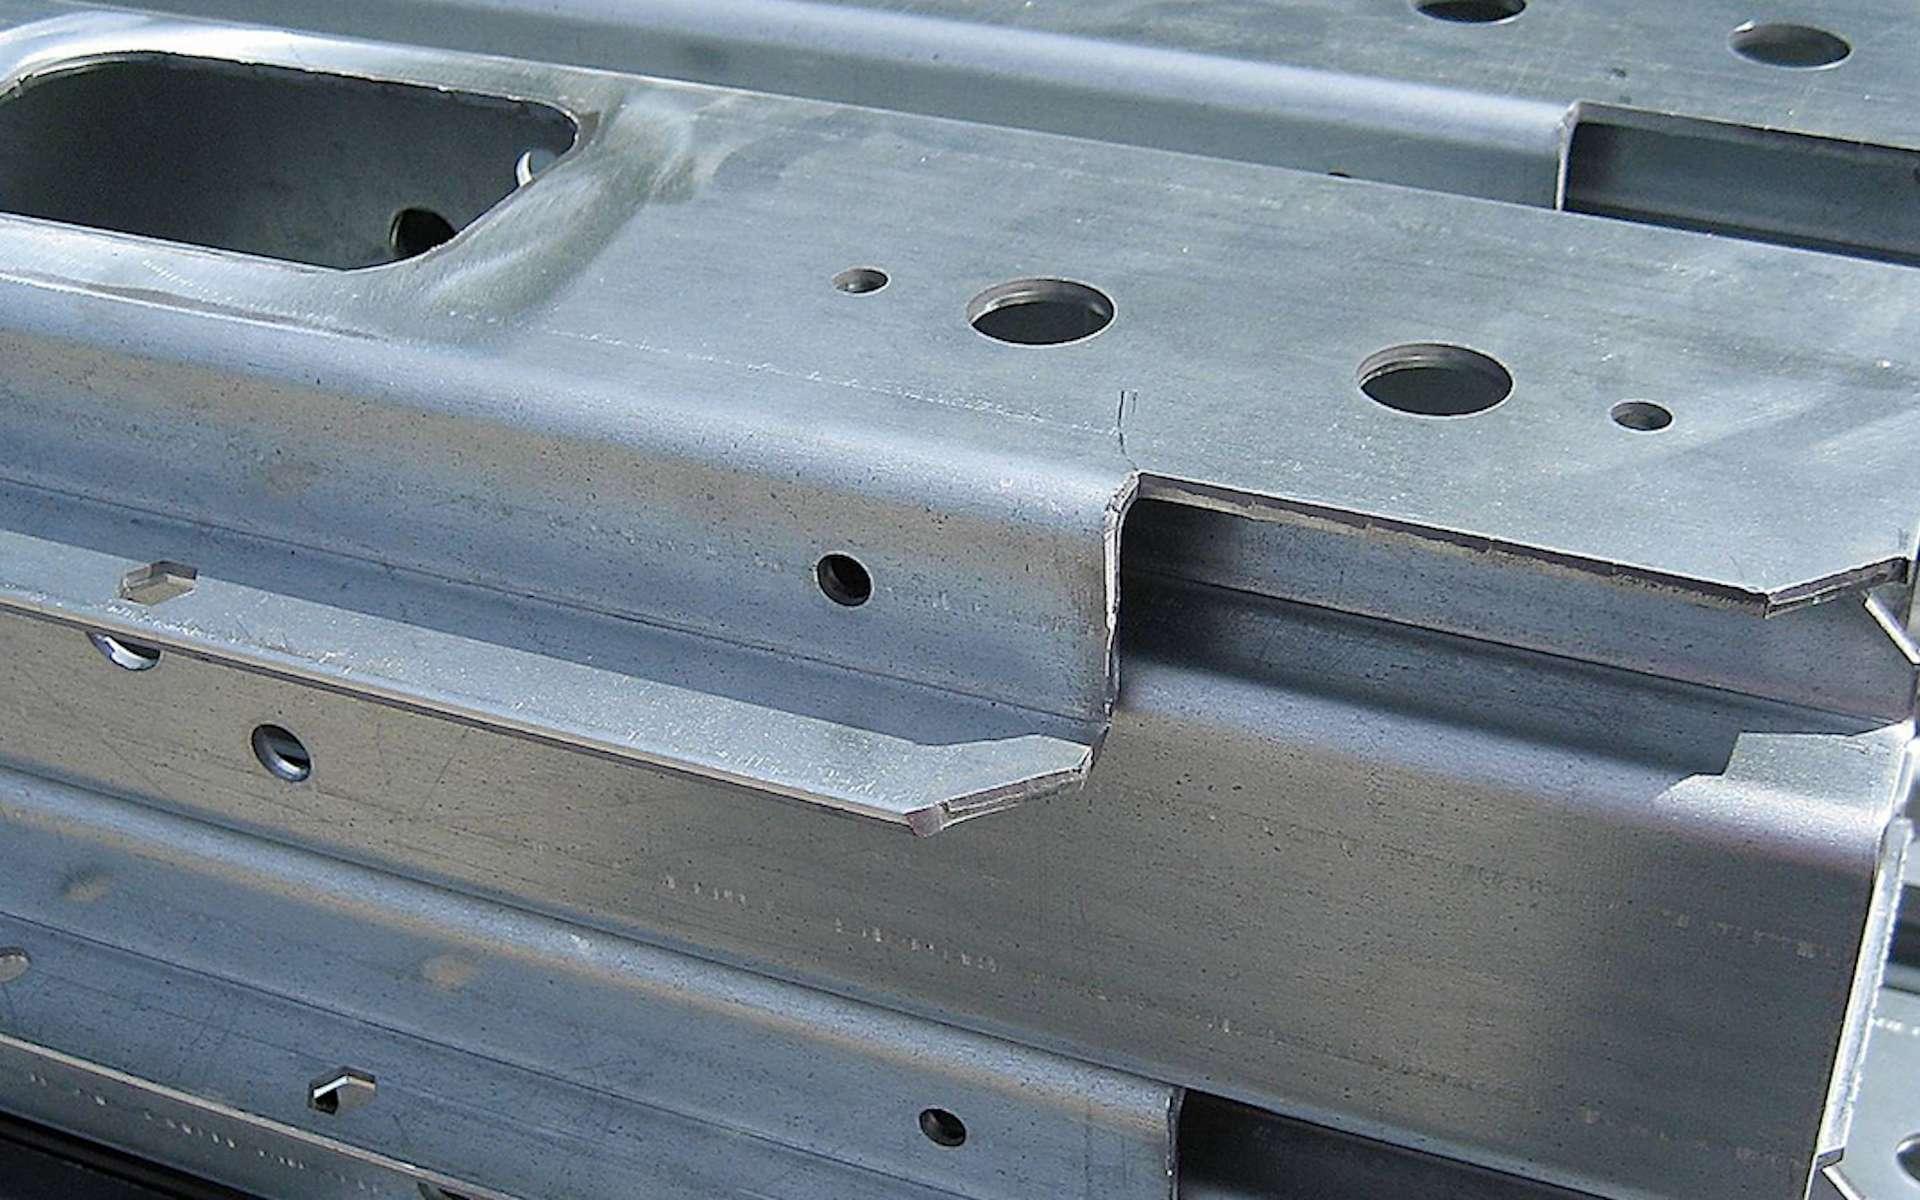 Longerons de remorques de camions en tôles d'acier galvanisé pliées et poinçonnées © Francemétal